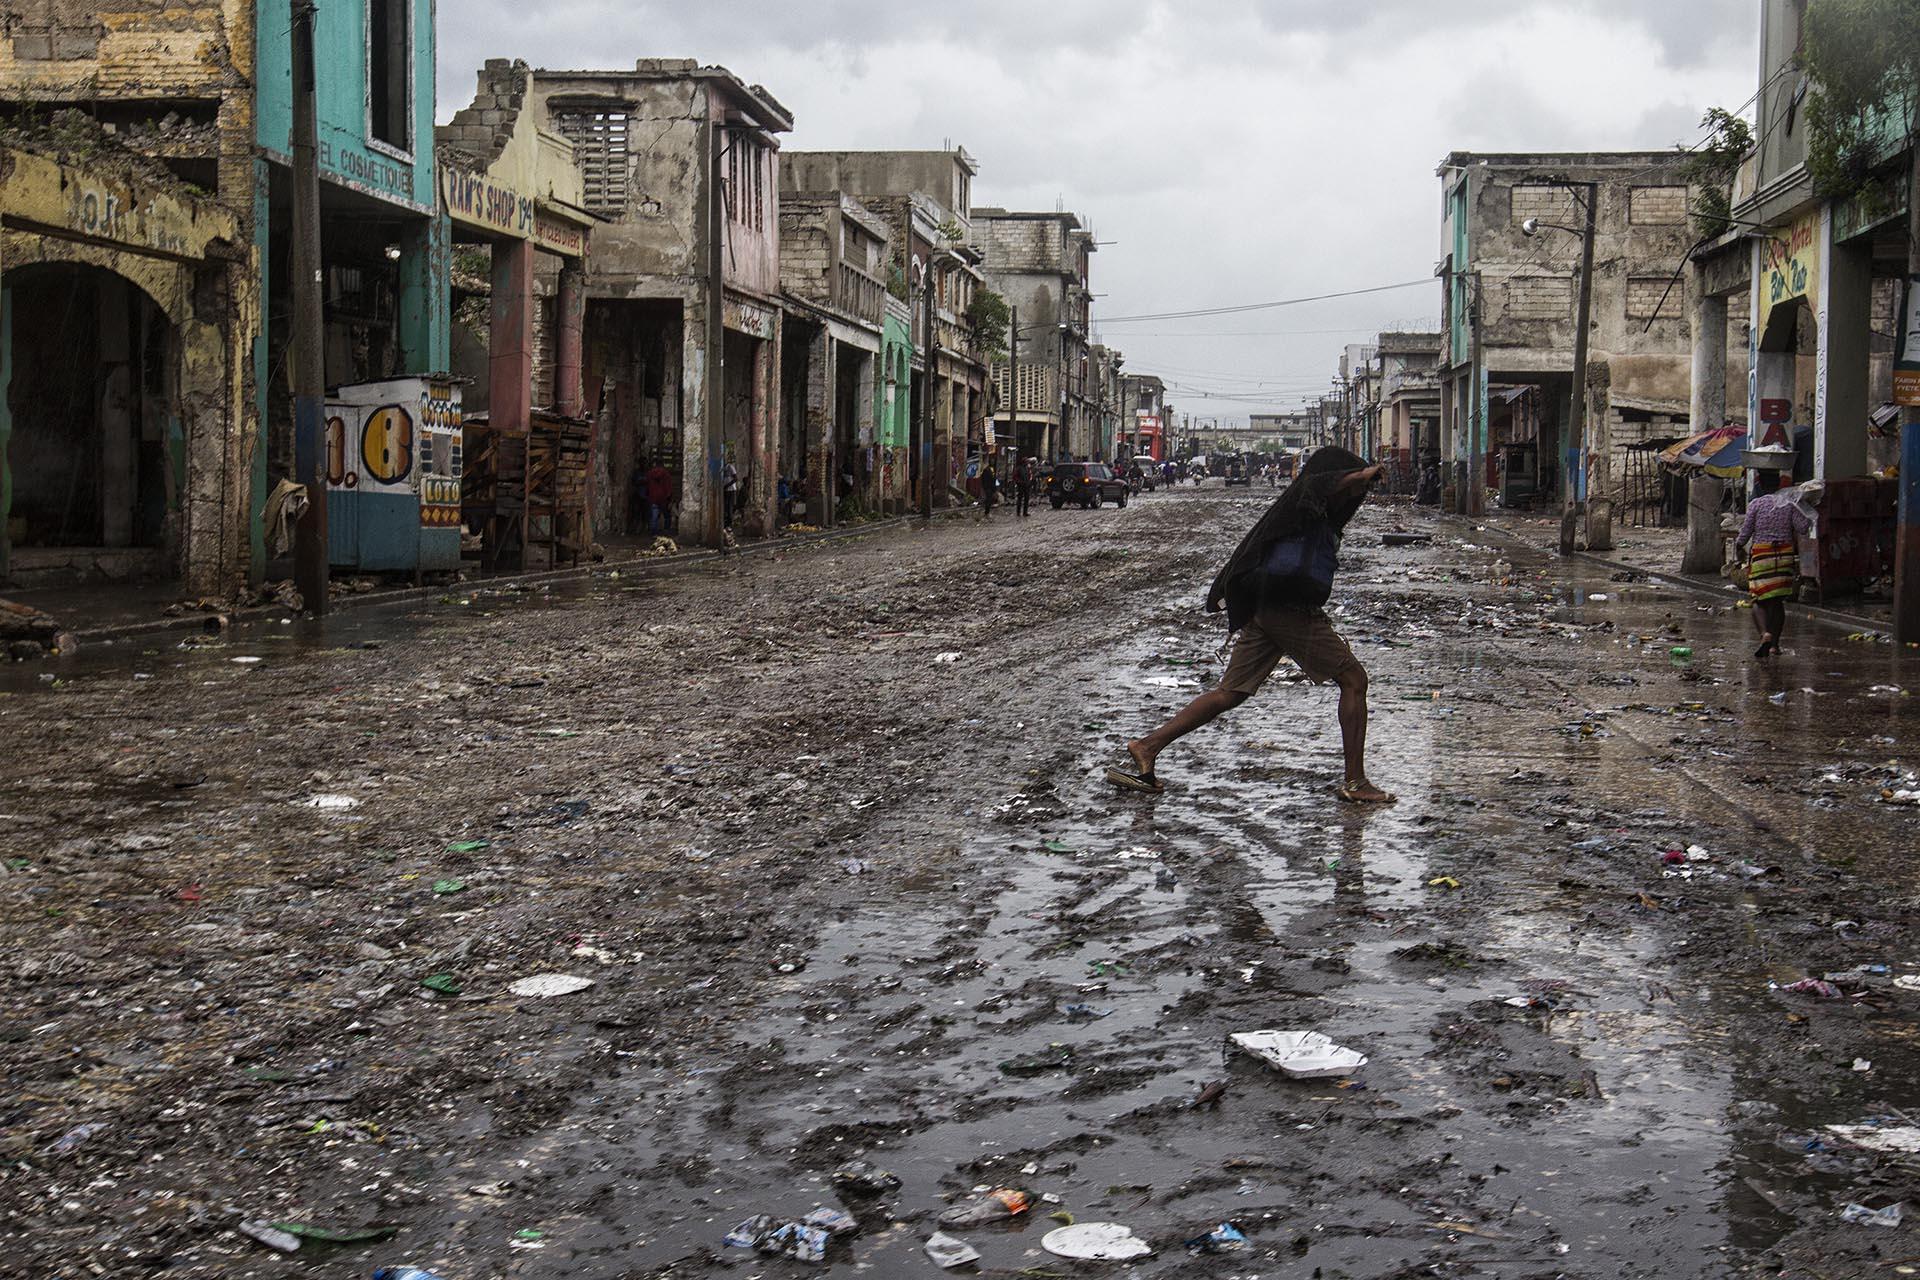 Como Es Vivir En Haiti del terremoto de 2010 al huracán matthew: haití, el país que